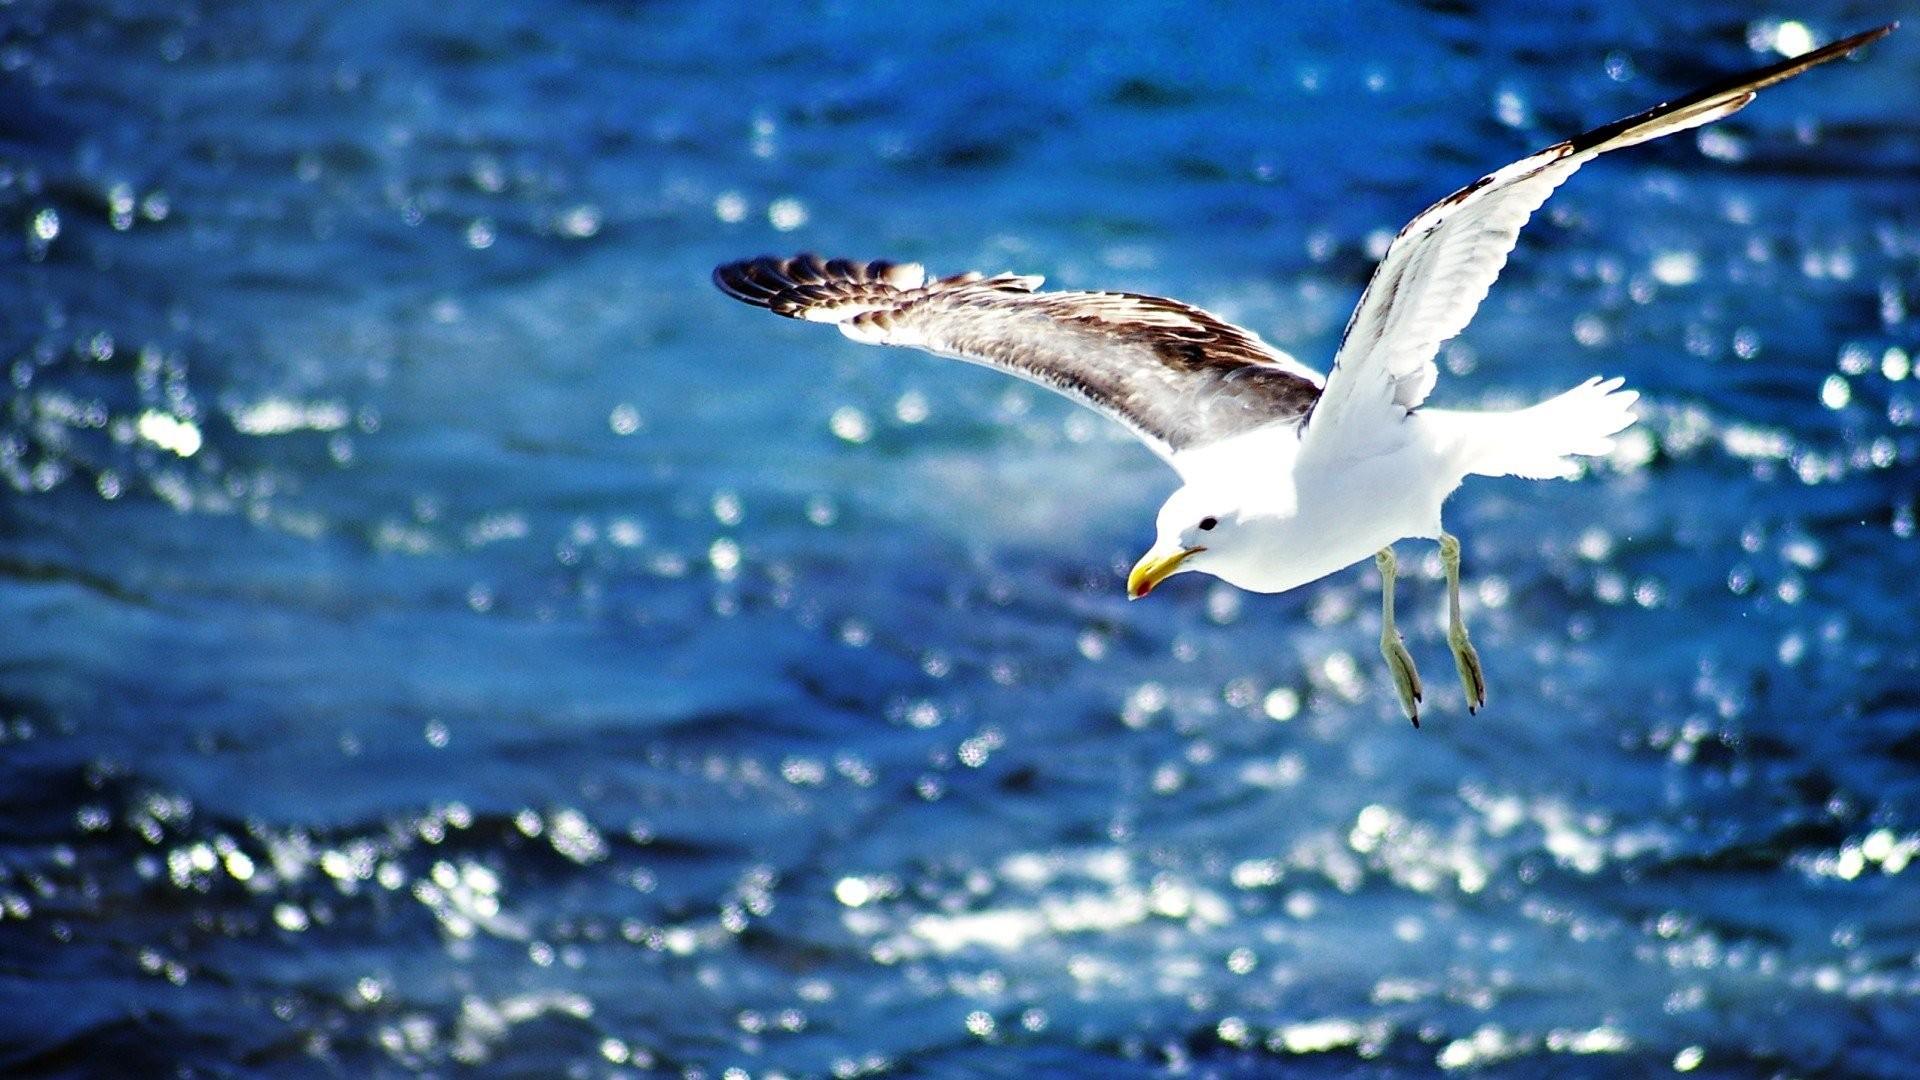 традиции фото морская чайка в полете высокого качества изображали крылатого льва